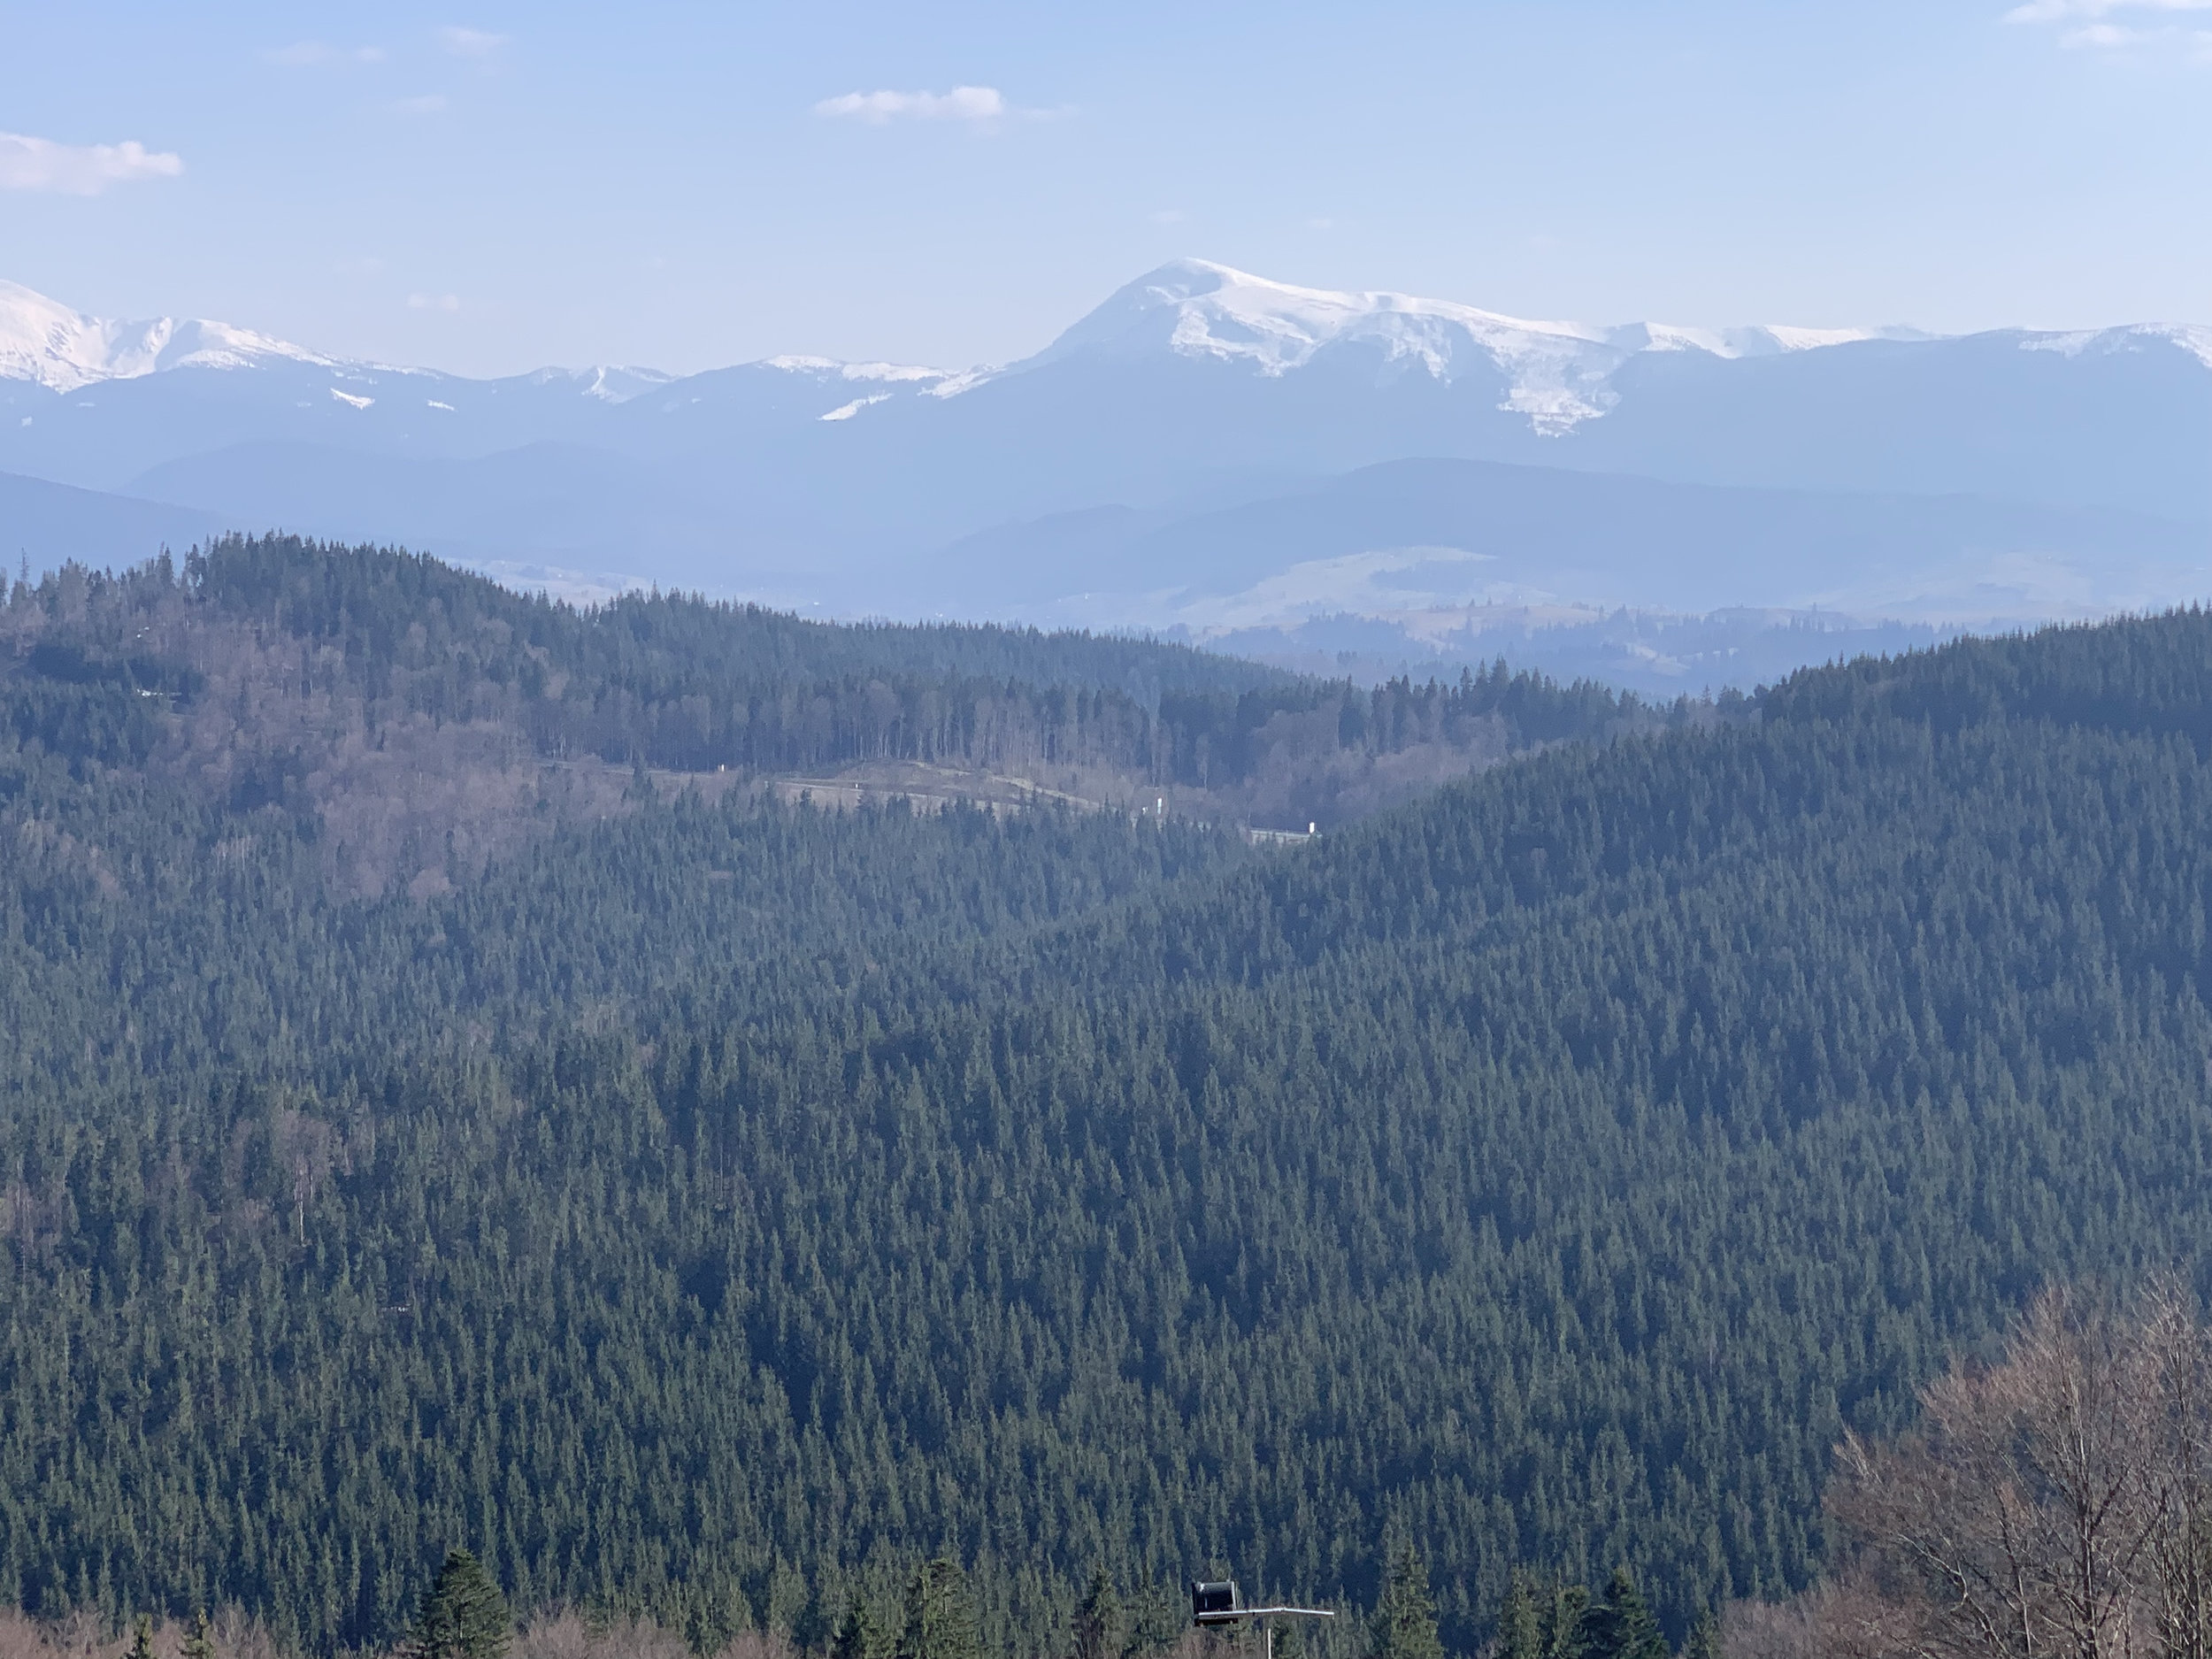 Carpathians in spring.